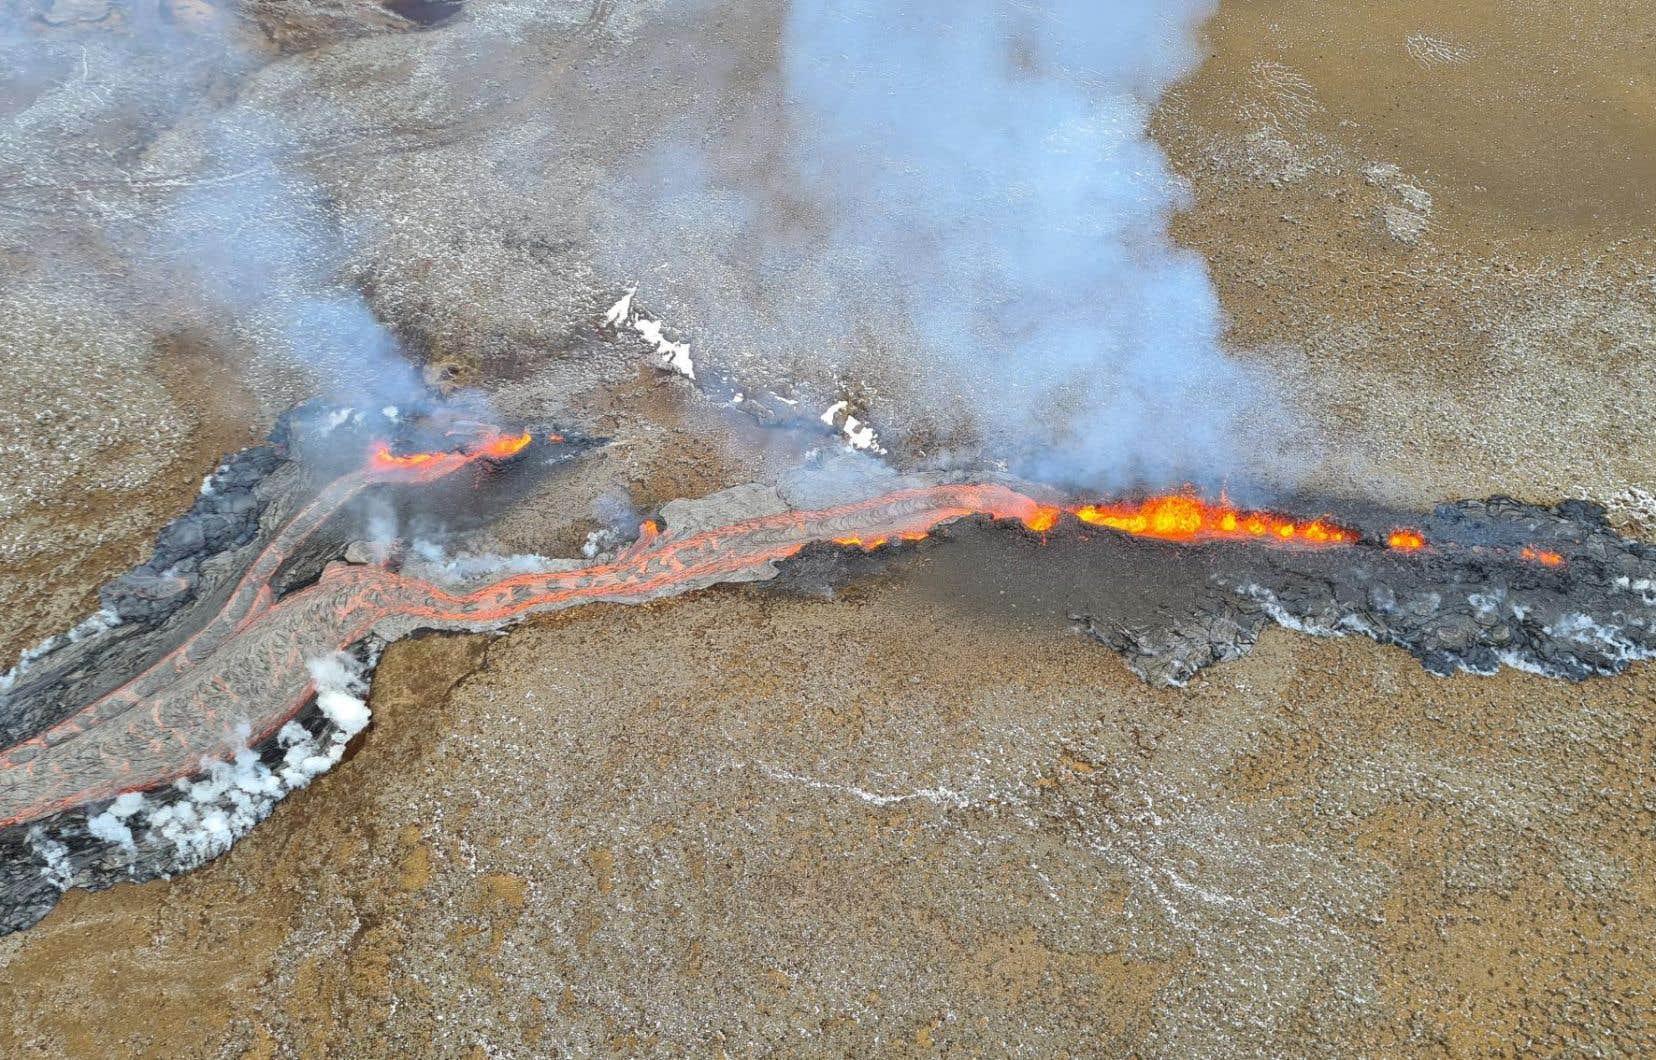 La nouvelle fissure, longue d'environ 150 à 200 mètres, se trouve à environ 700 mètres au nord-est du premier foyer de l'éruption.